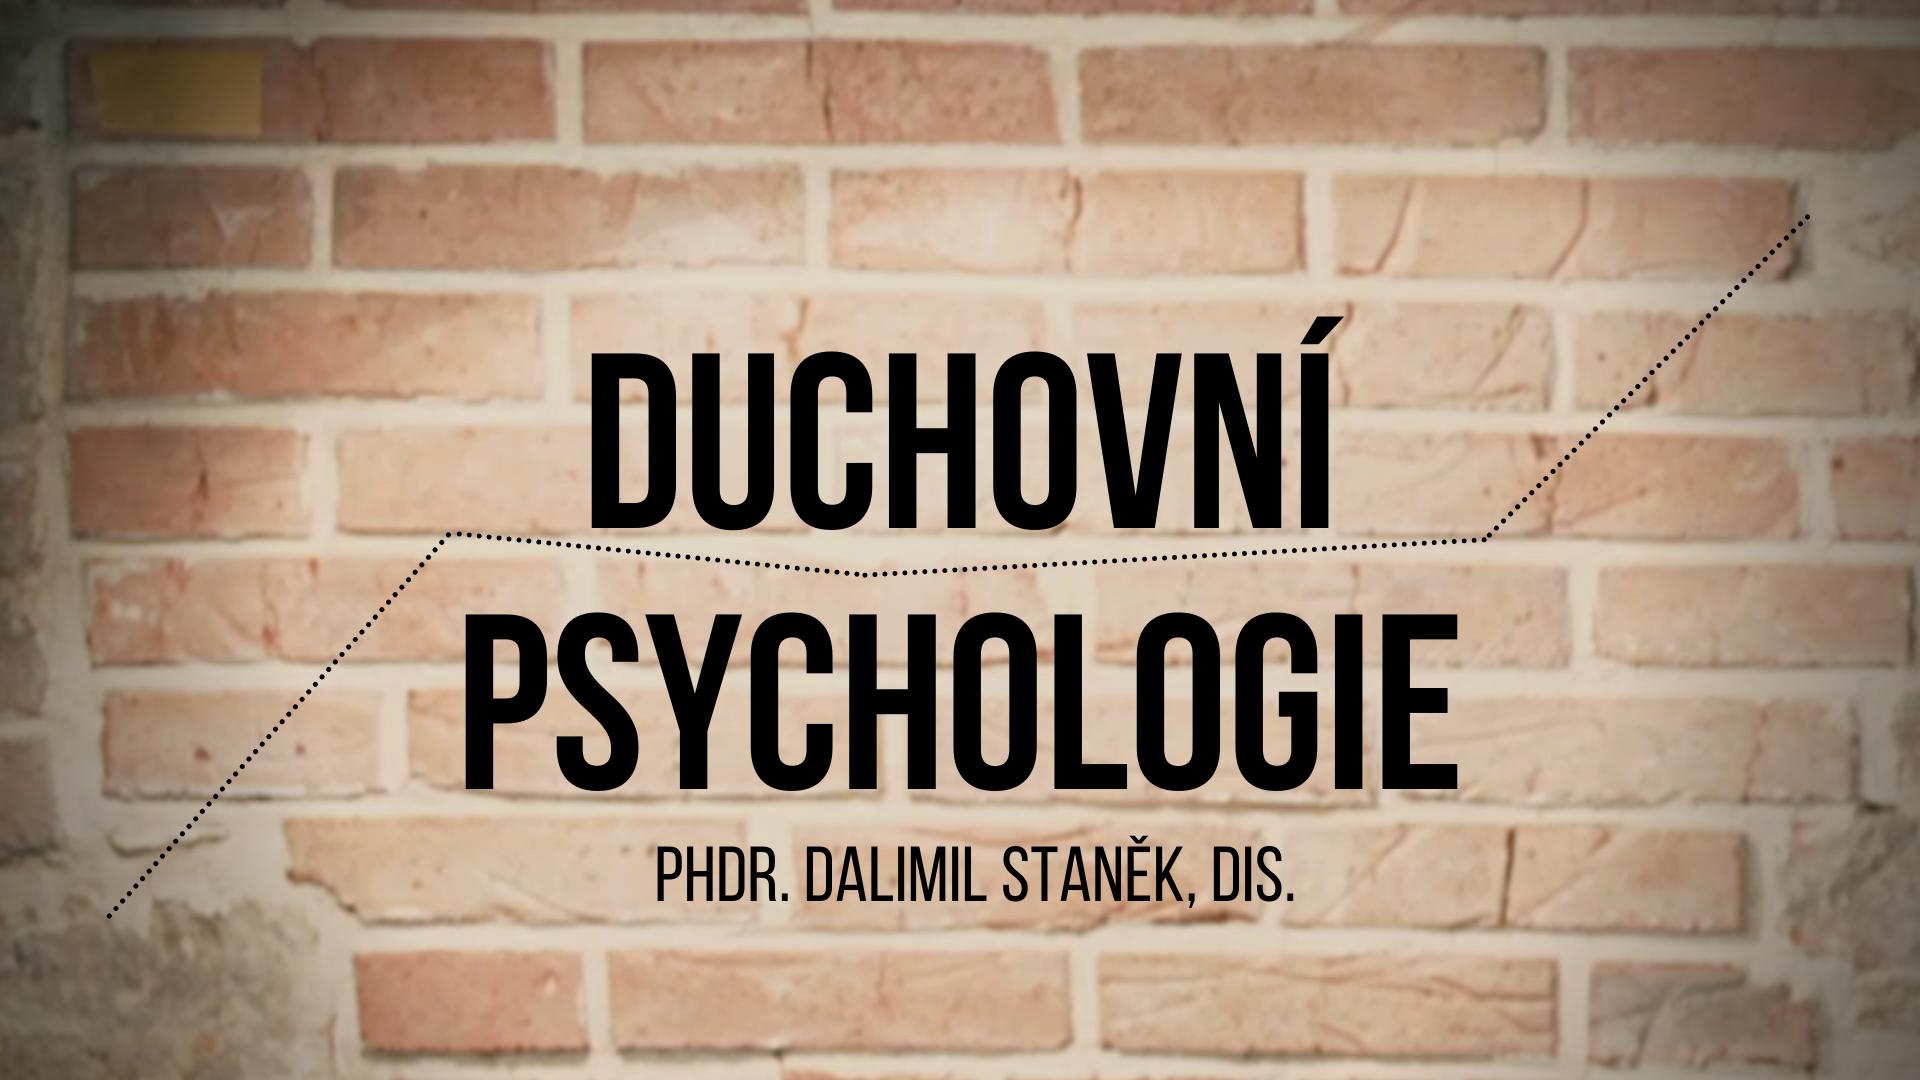 Duchovní Psychologie